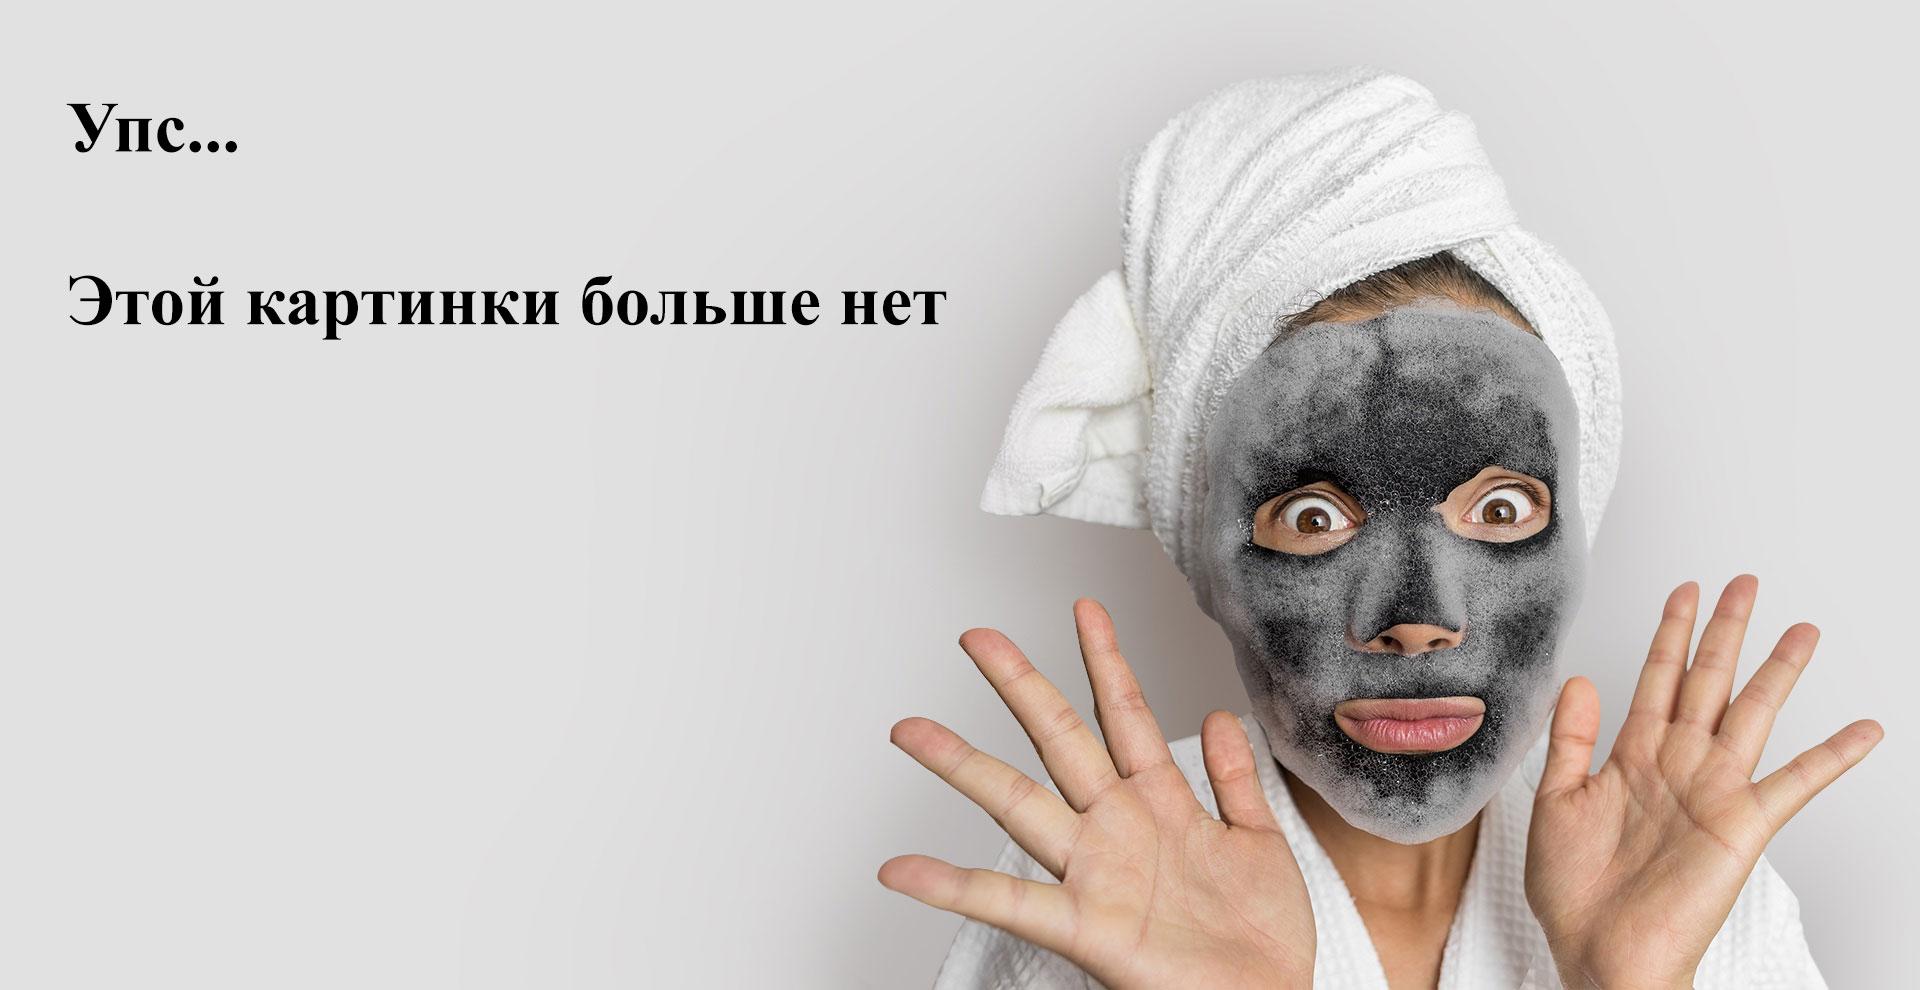 Estel, Kрем-филлер для волос Kikimora, 100 мл